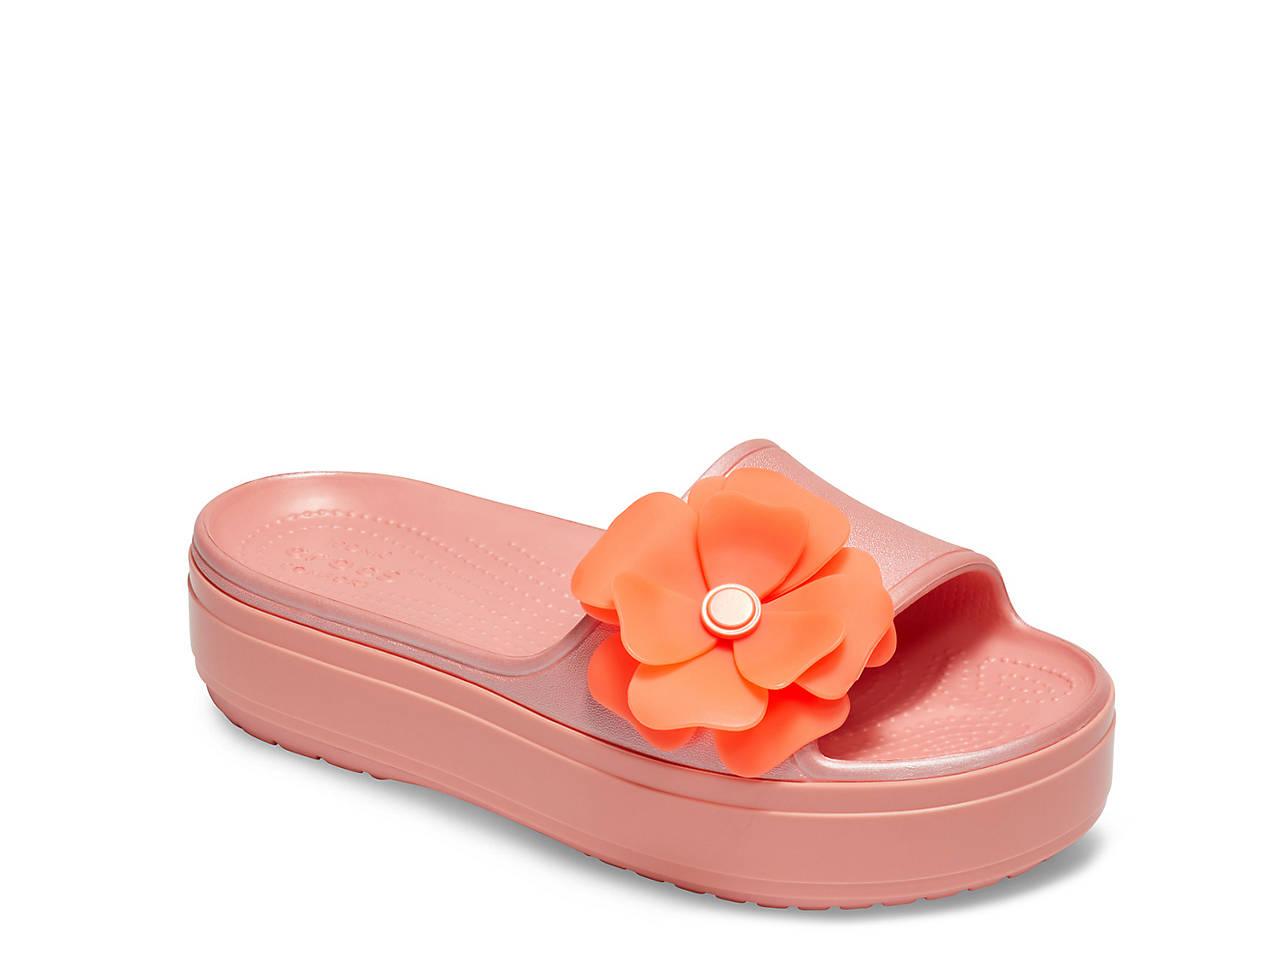 29fb93773 Crocs CB Vivid Blooms Platform Slide Sandal Women s Shoes